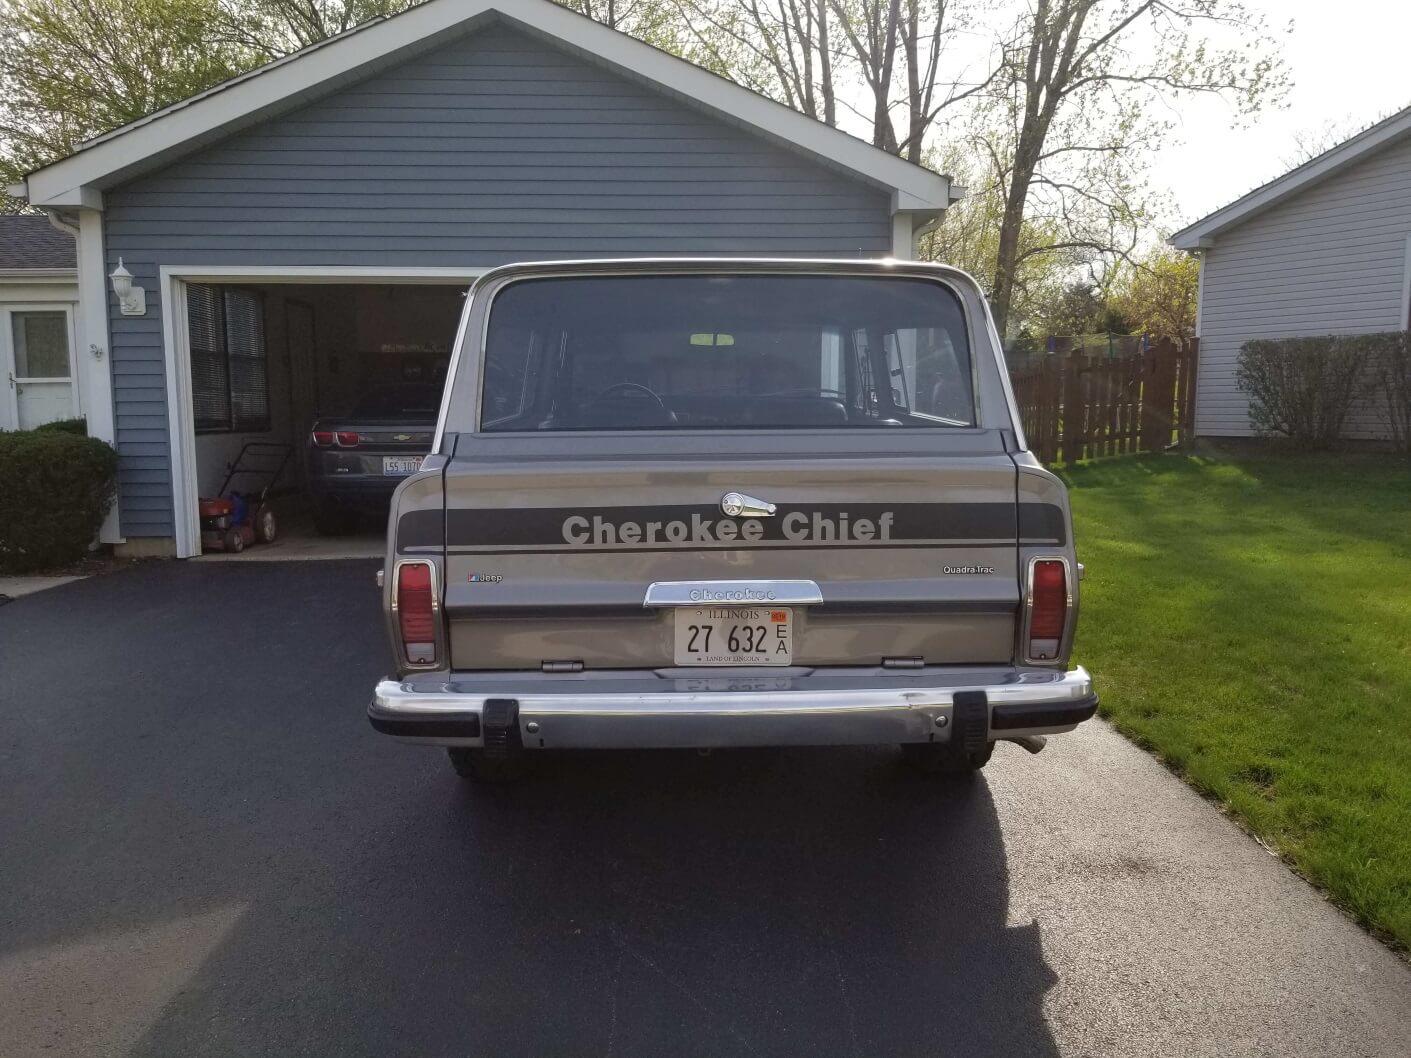 Jeep Cherokee Chief